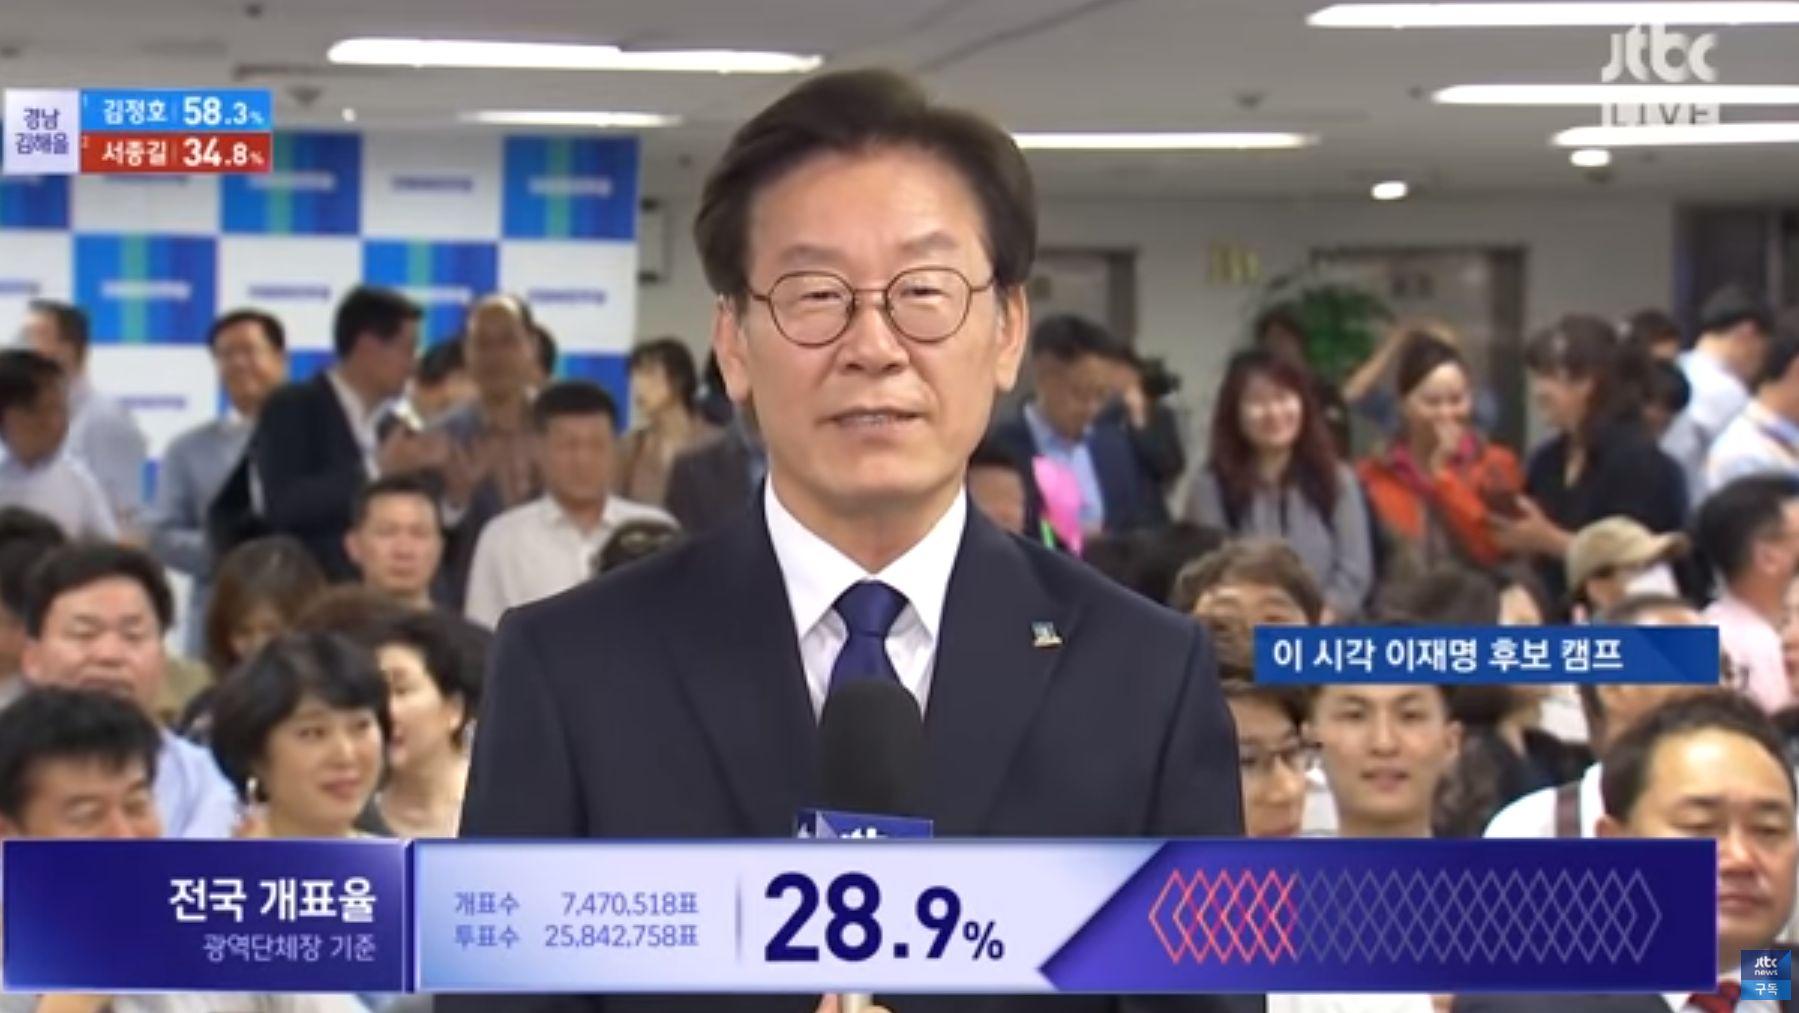 """김부선 질문에 """"예의 없다""""며 분노하는 이재명(전체 영상)"""